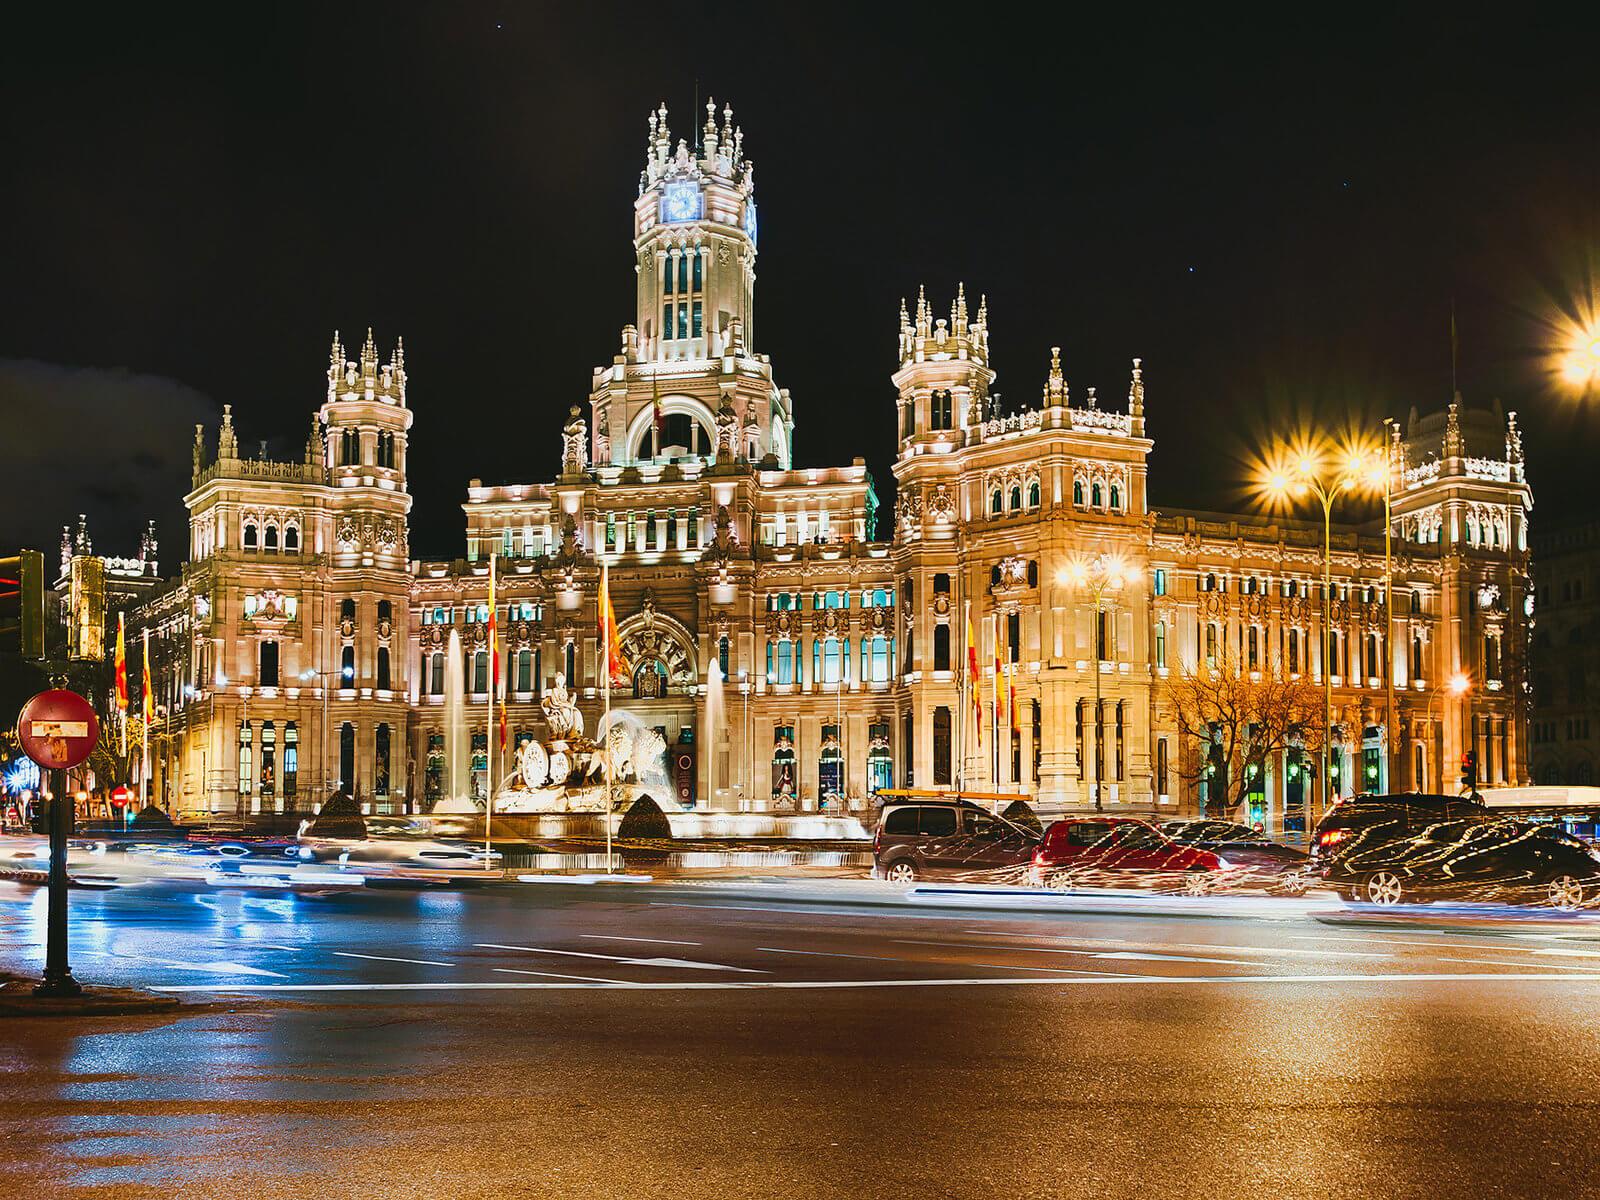 Φθηνές πτήσεις προς Μαδρίτη